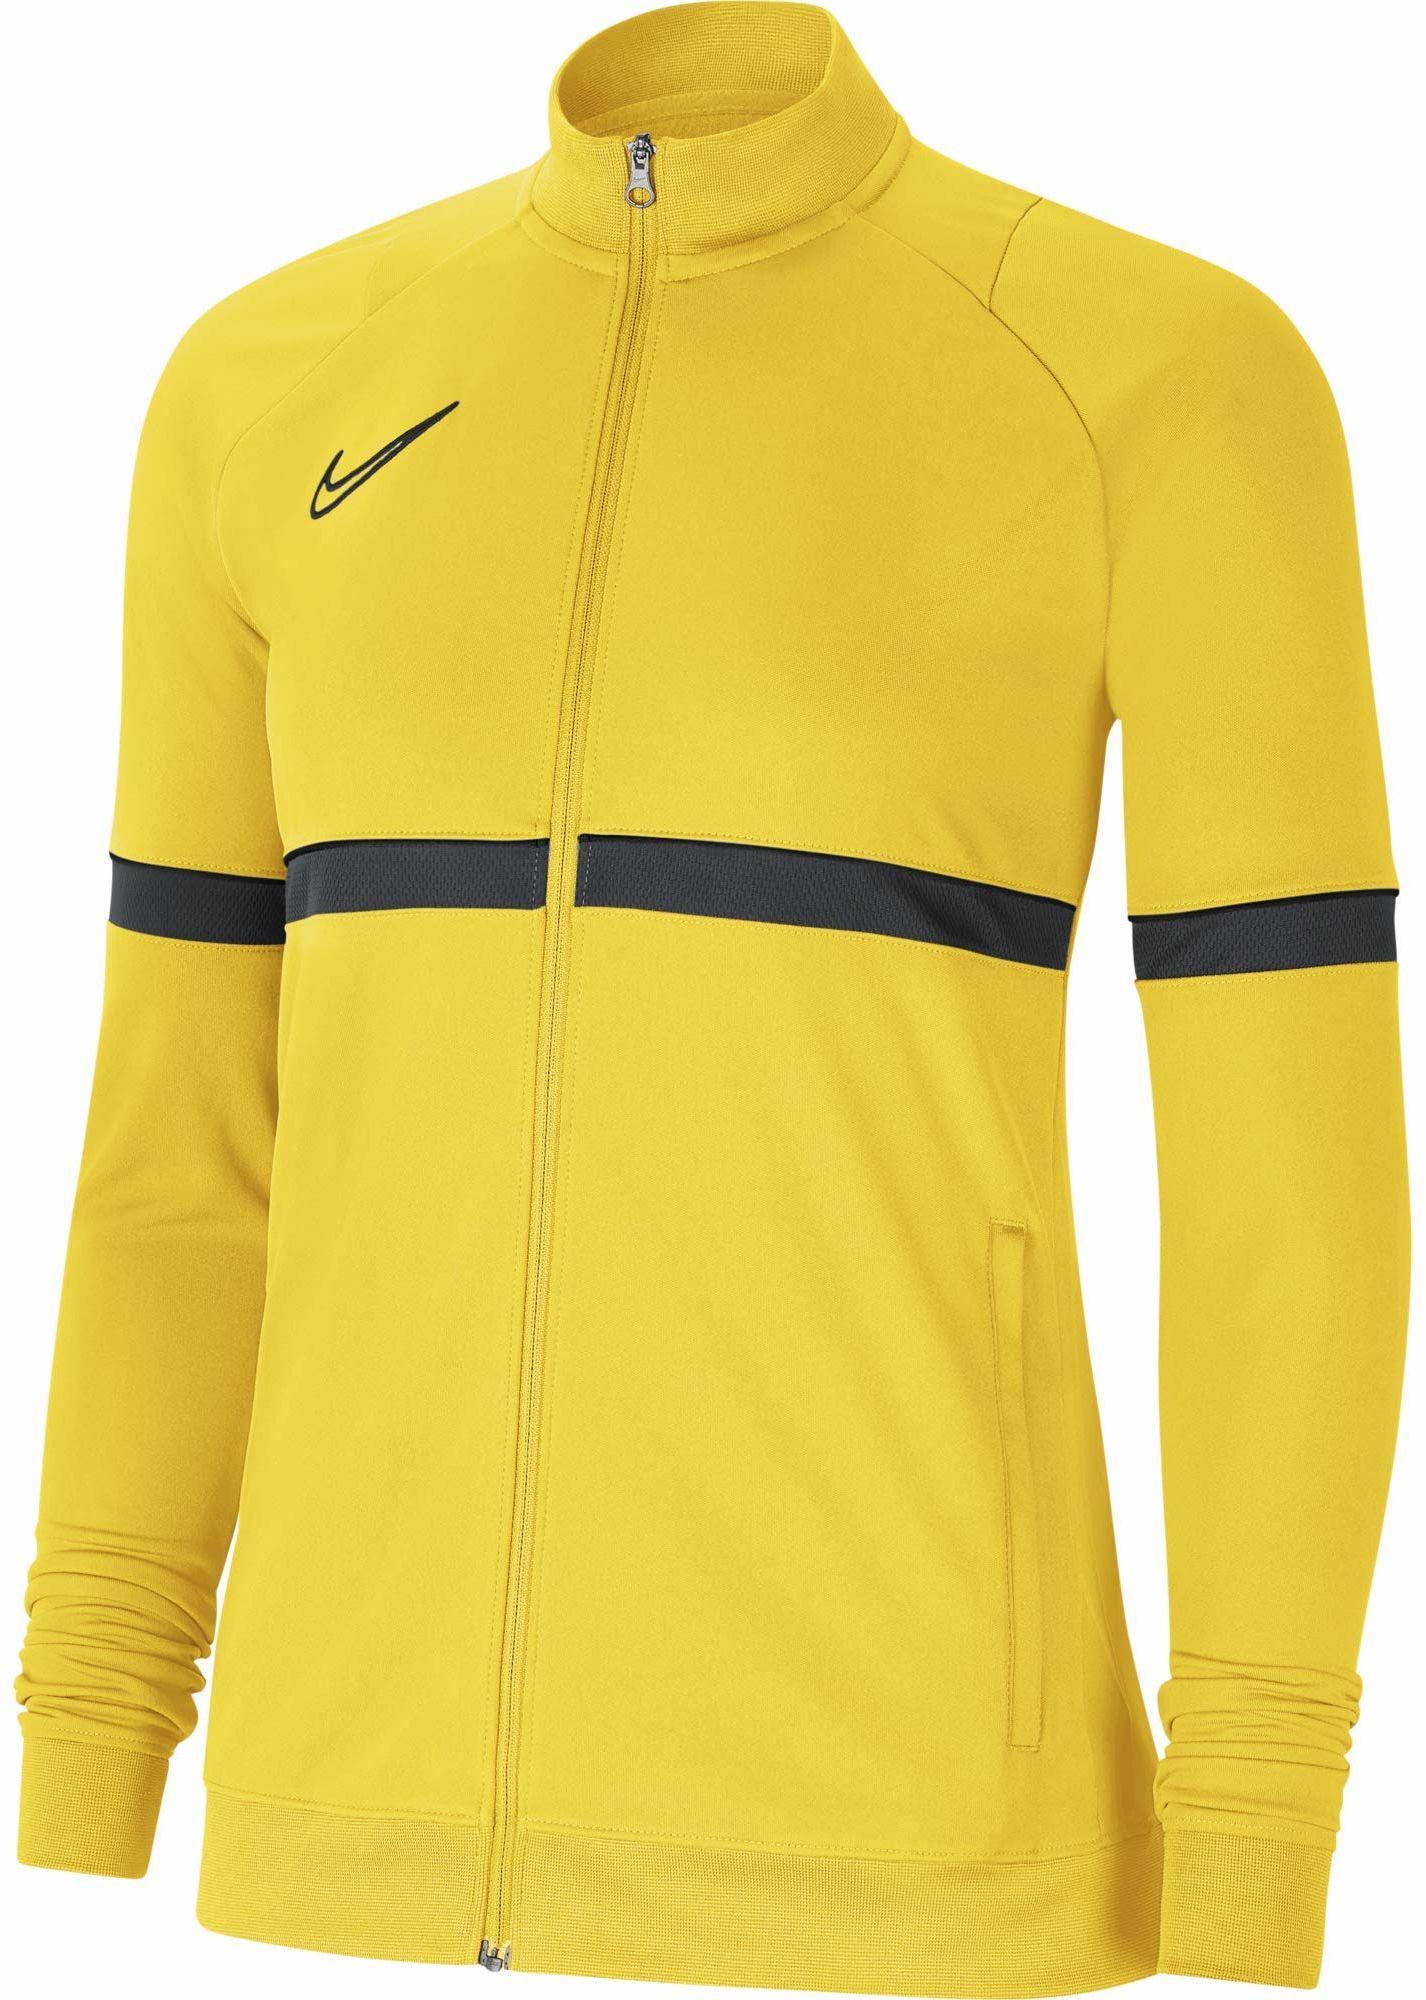 Nike Damska kurtka damska Academy 21 Track Jacket Tour żółty/czarny/antracytowy/czarny S